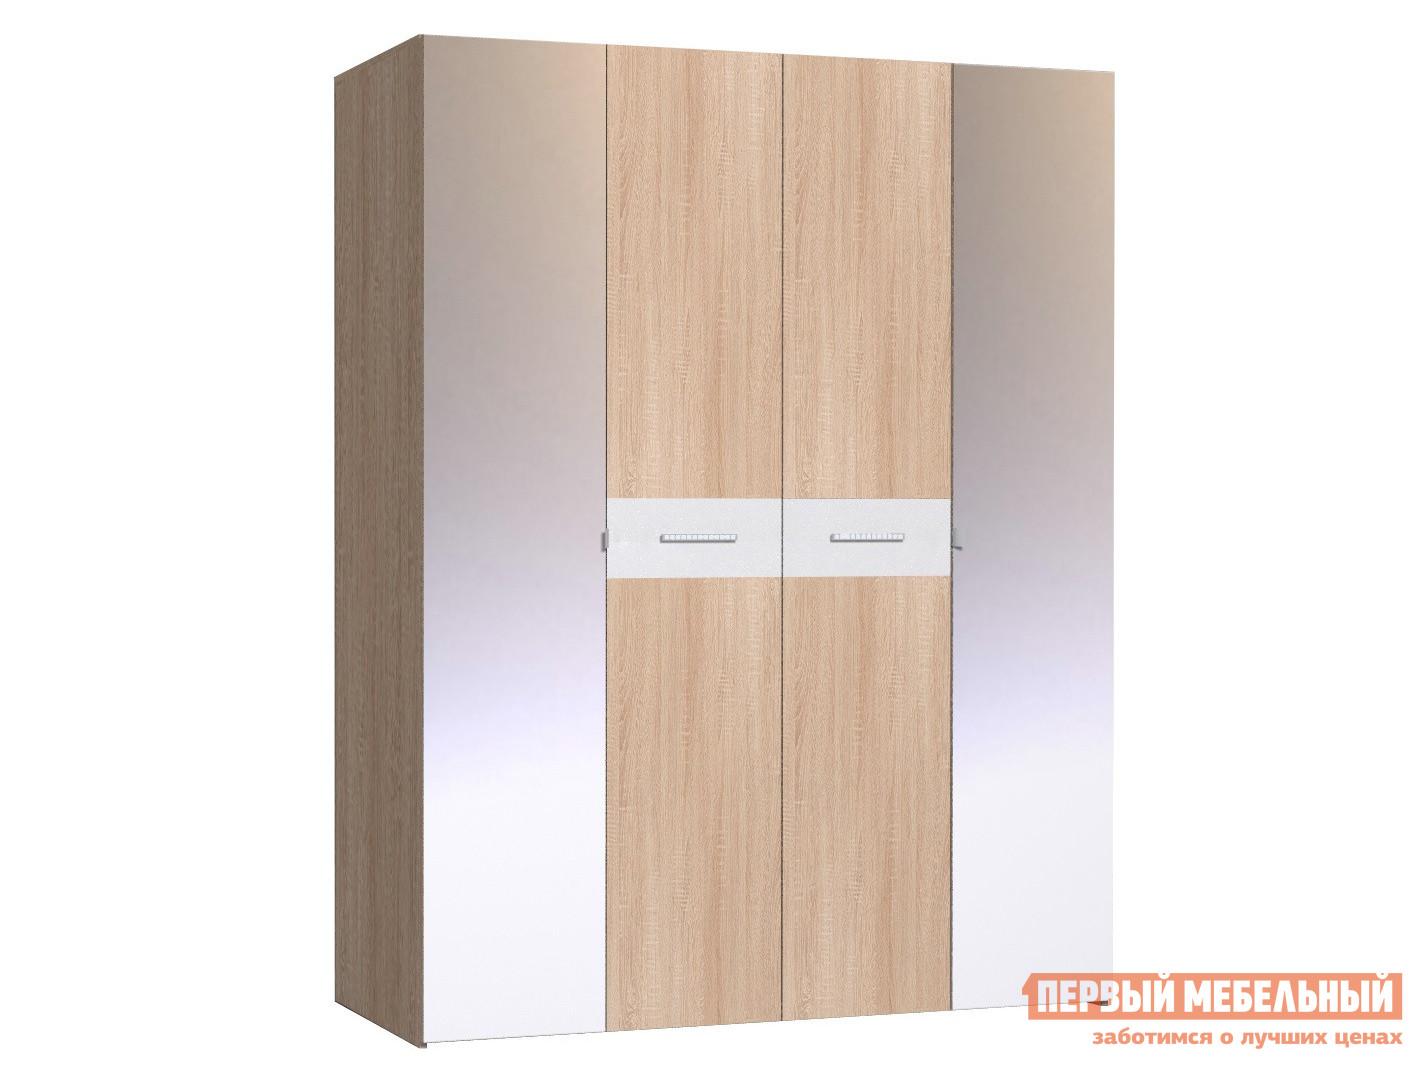 Шкаф распашной ТД Арника WYSPAA 36 (спальня) Шкаф для одежды и белья все цены